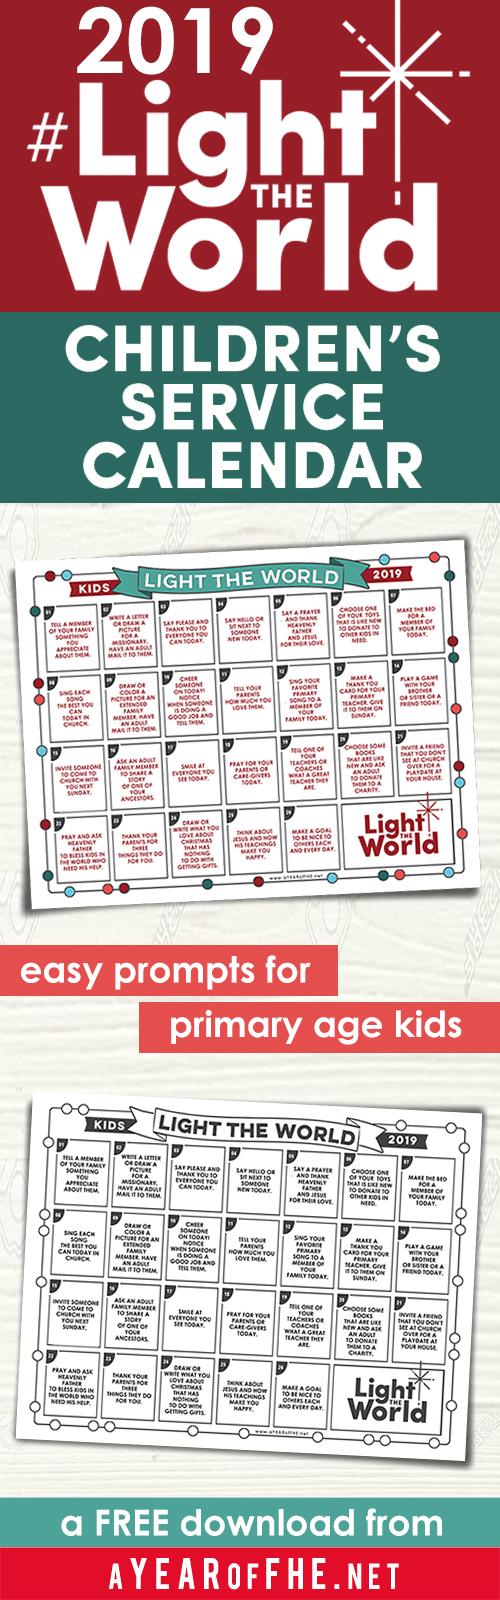 Lds Light The World 2021 Calendar A Year of FHE: LIGHT the WORLD 2019 Children's Service Calendar